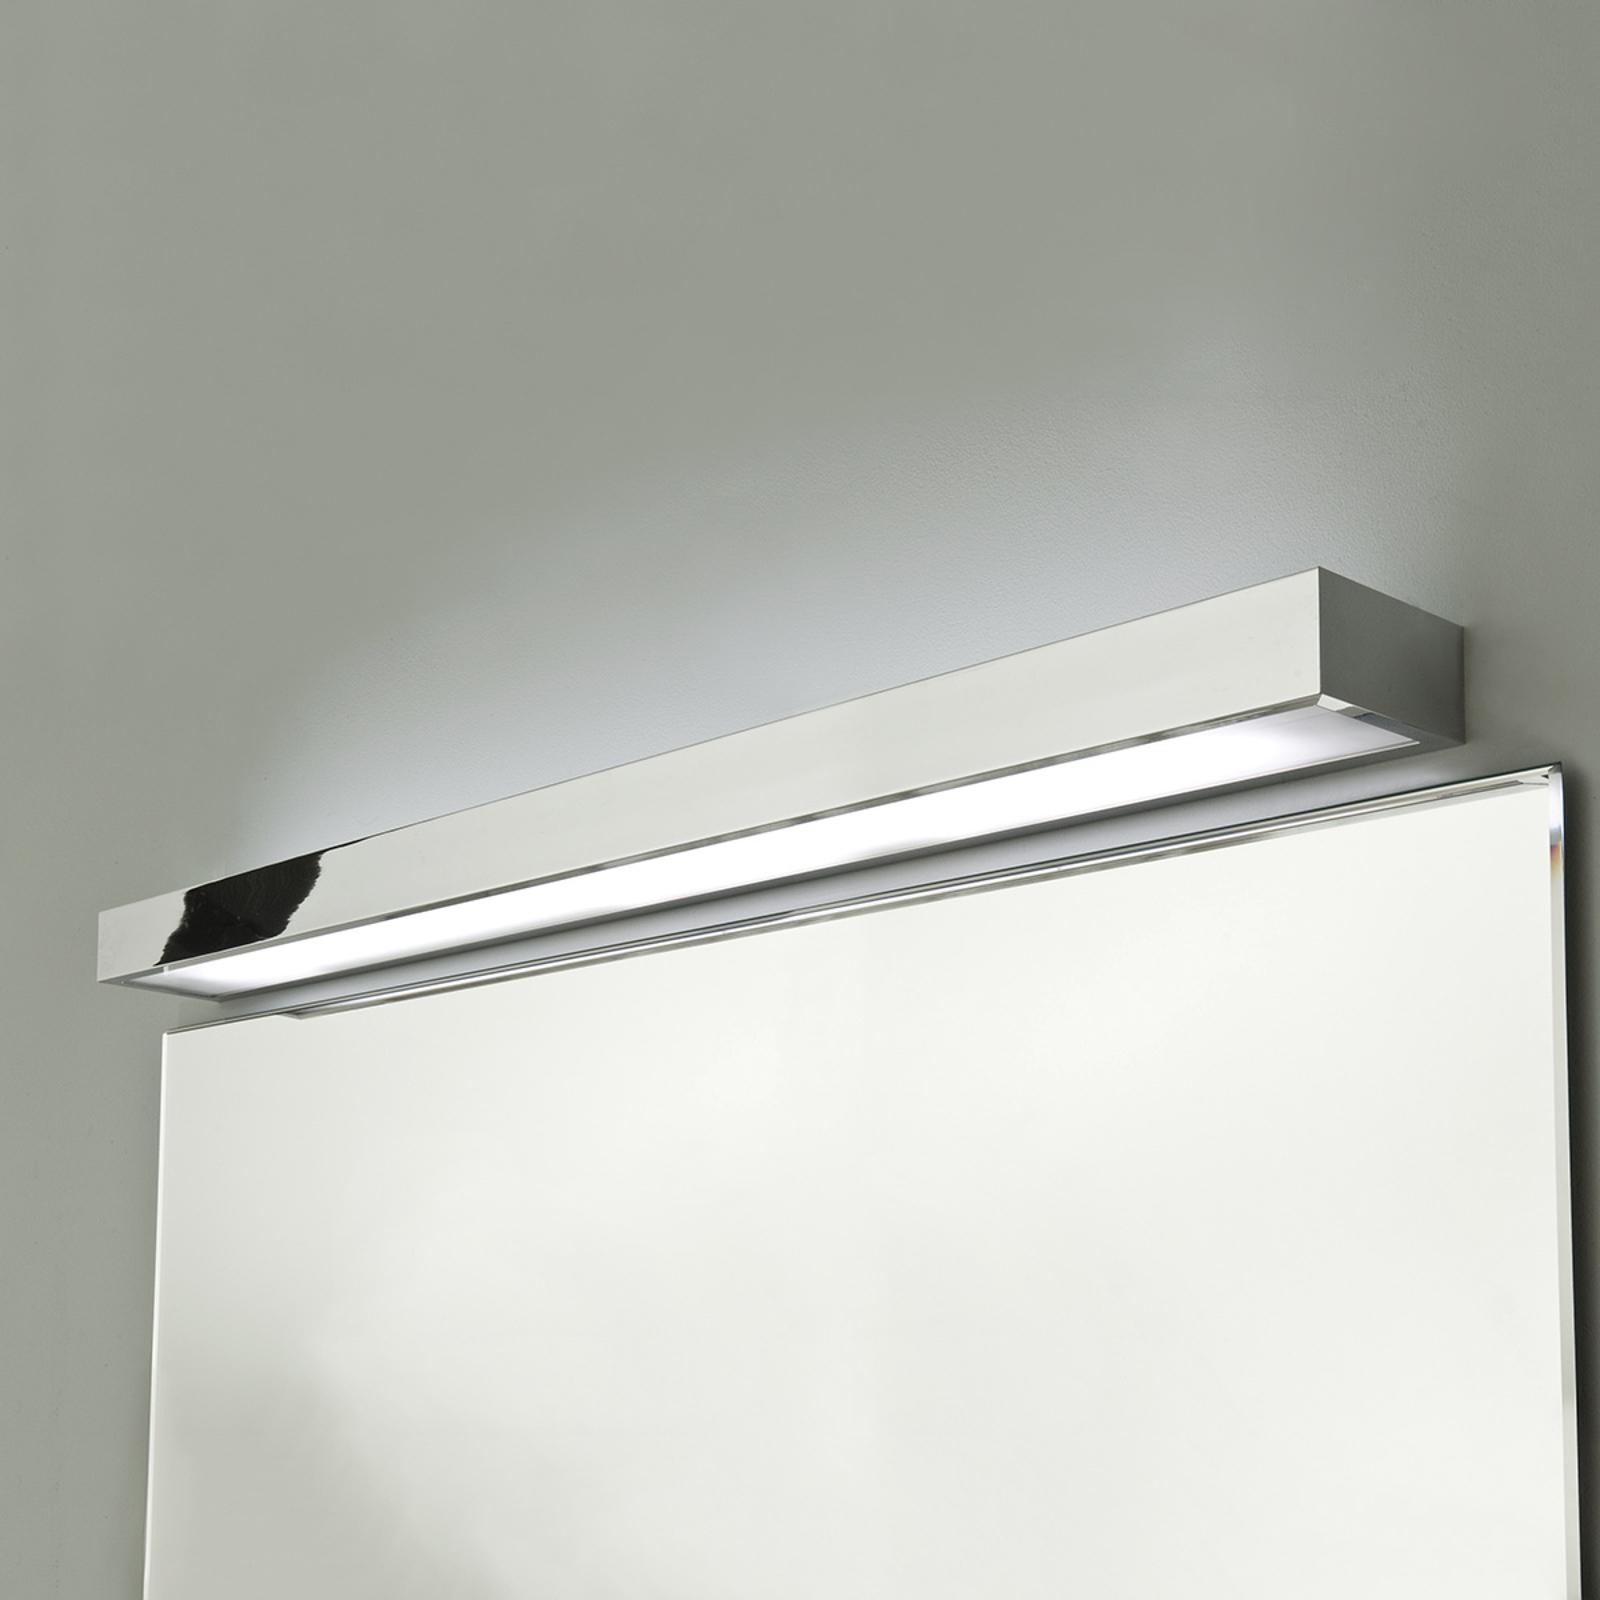 Prachtige wandlamp TALLIN, lengte 90 cm